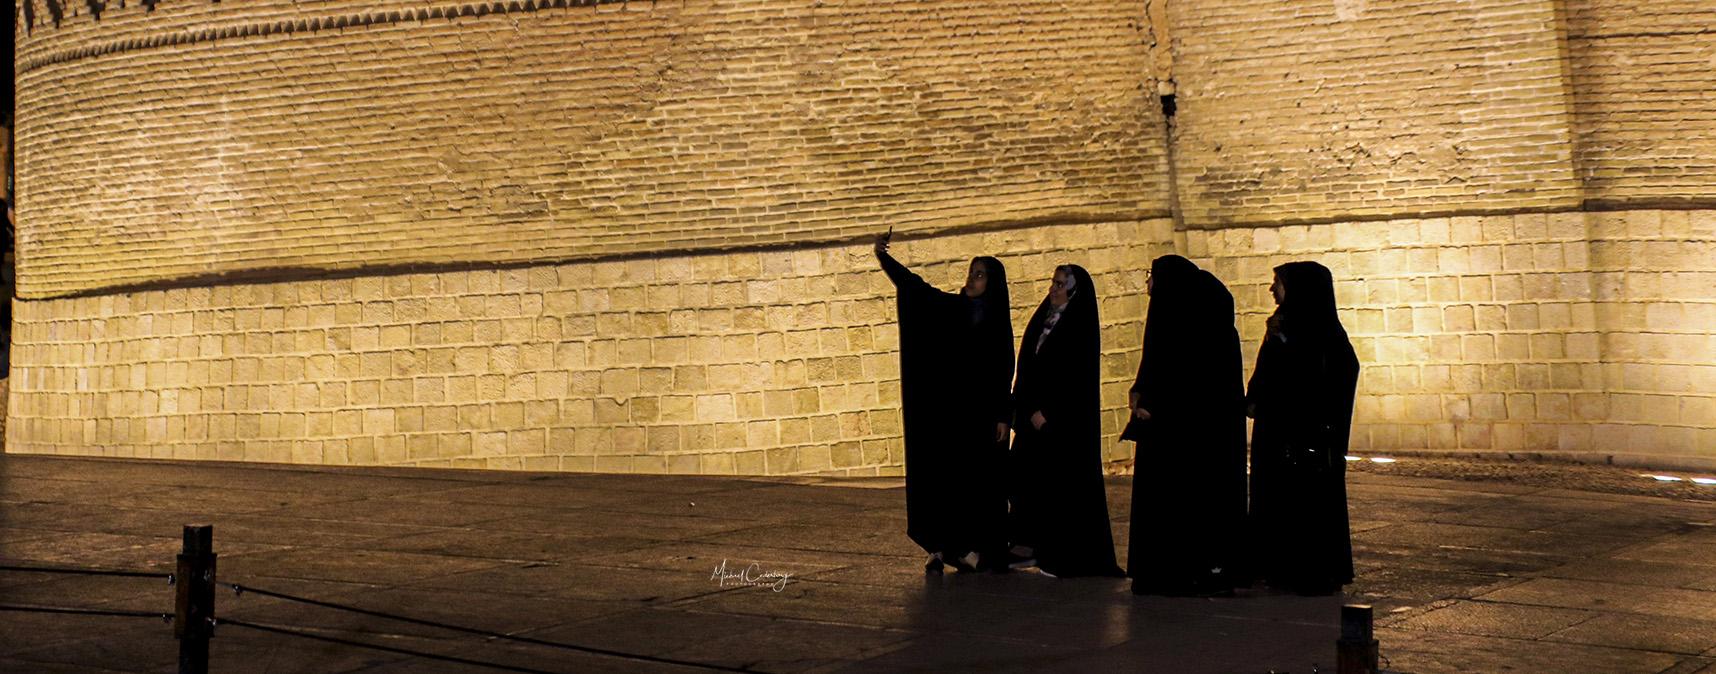 2019-11 IRAN Shiraz (POW) 01 LONG 452A15